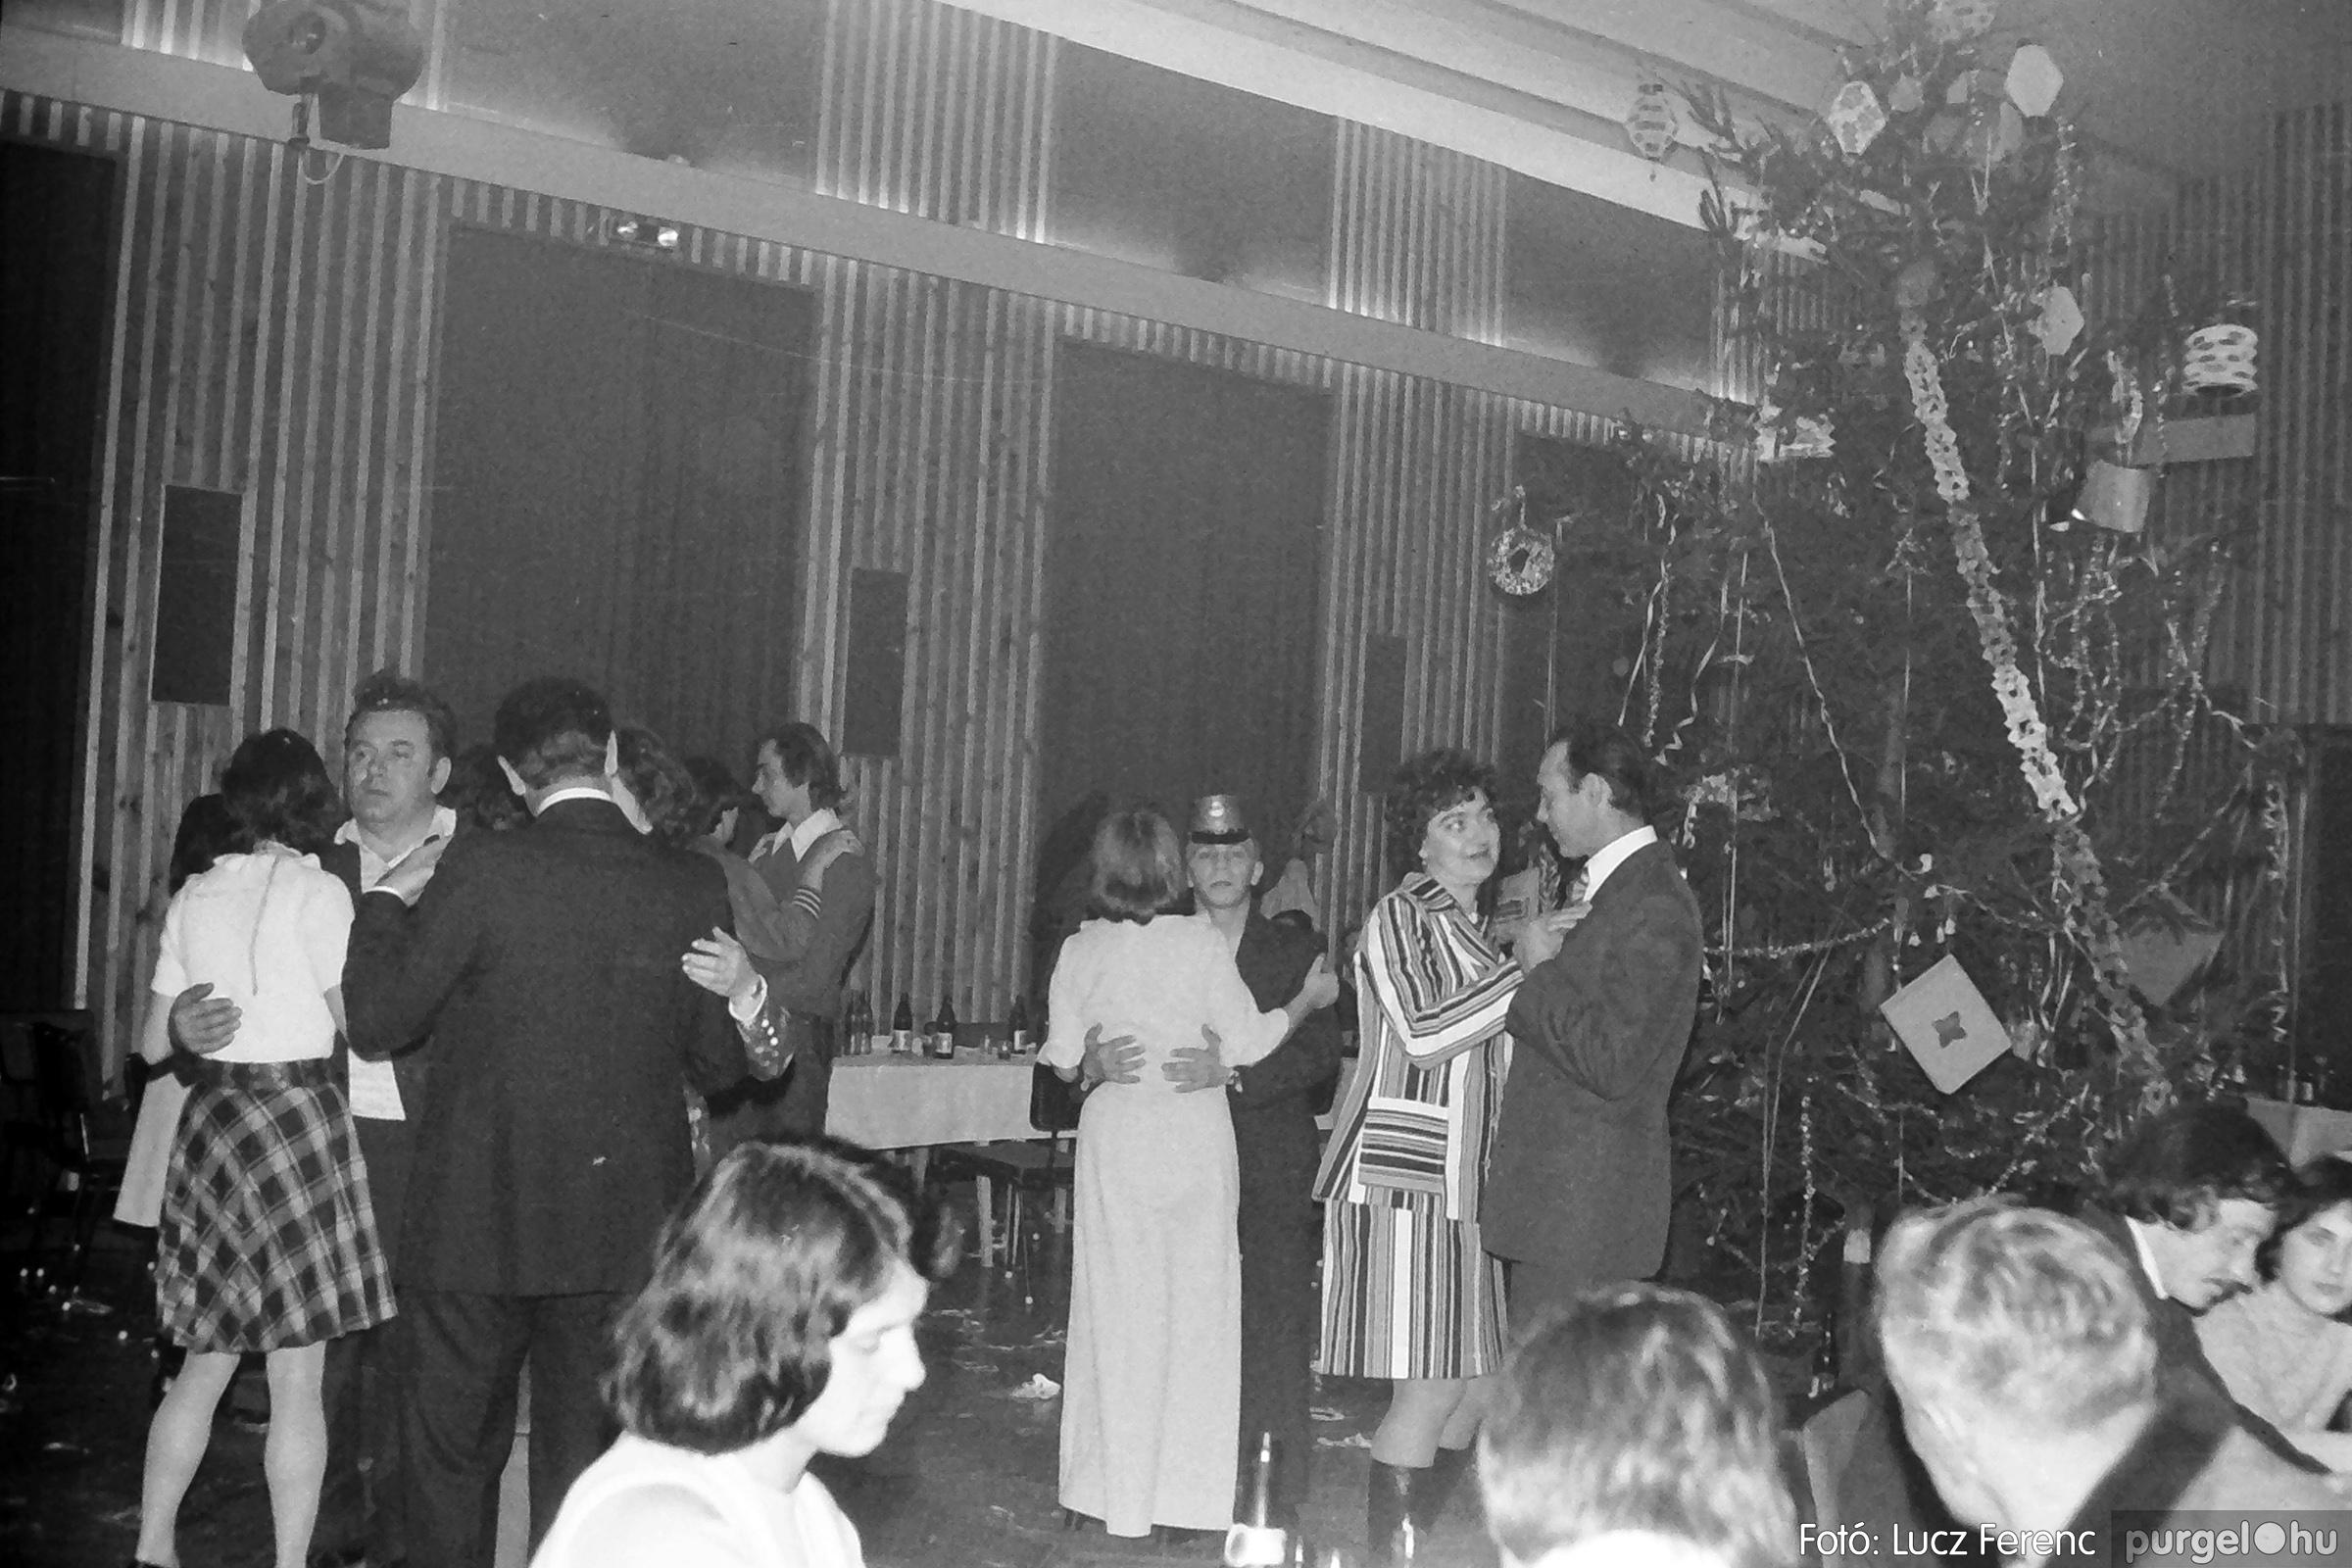 070. 1976.12.31. Szilveszter a kultúrházban 013. - Fotó: Lucz Ferenc.jpg